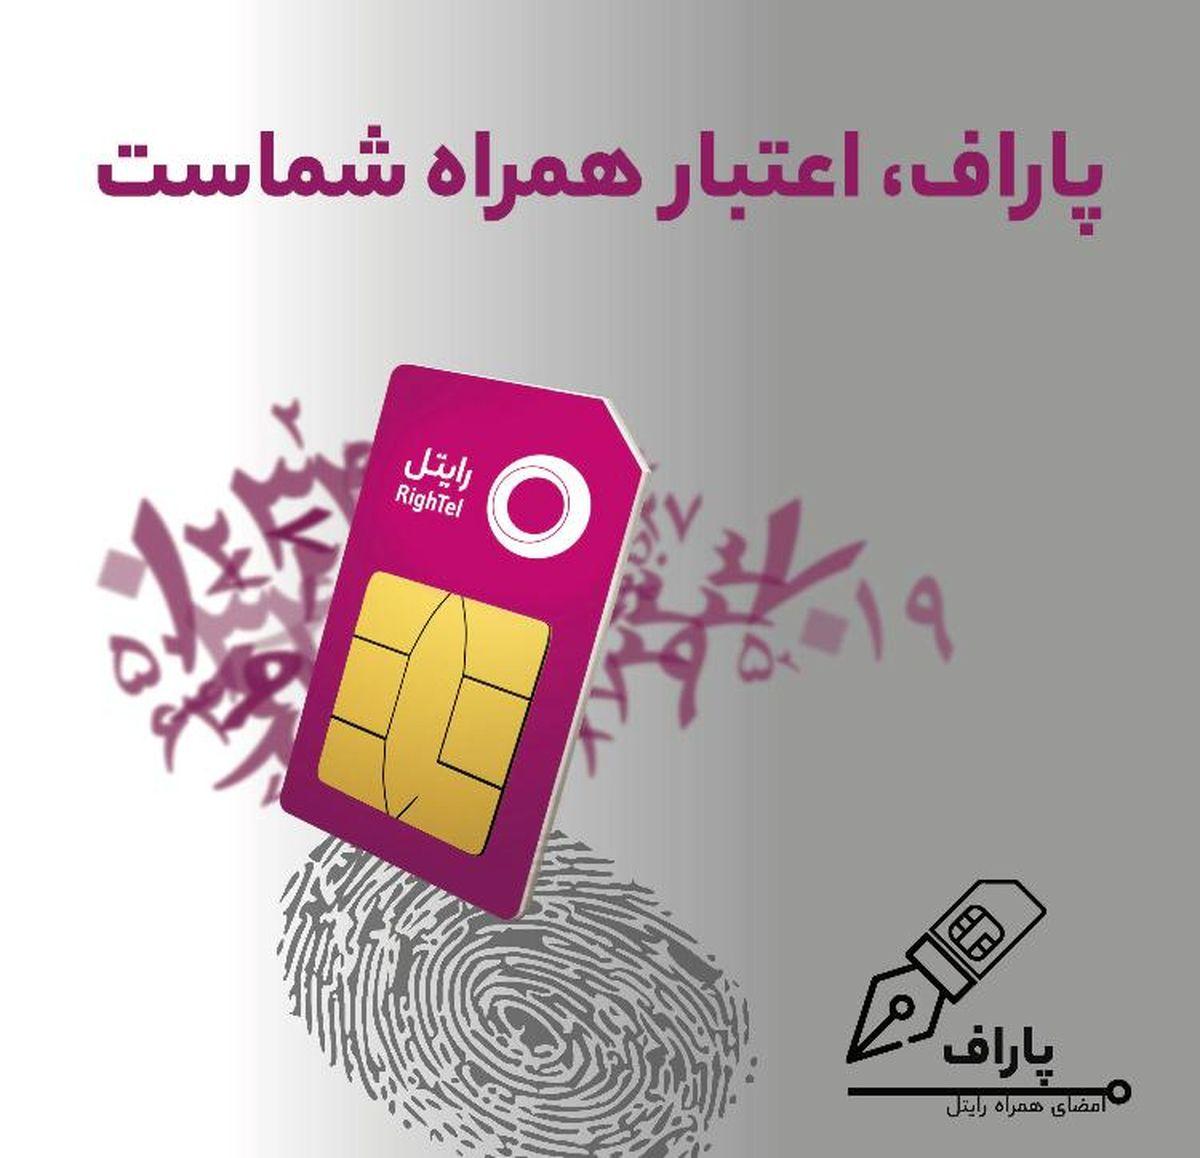 راهاندازی سرویس گواهی امضاء الکترونیکی بر روی سیمکارت در کشور